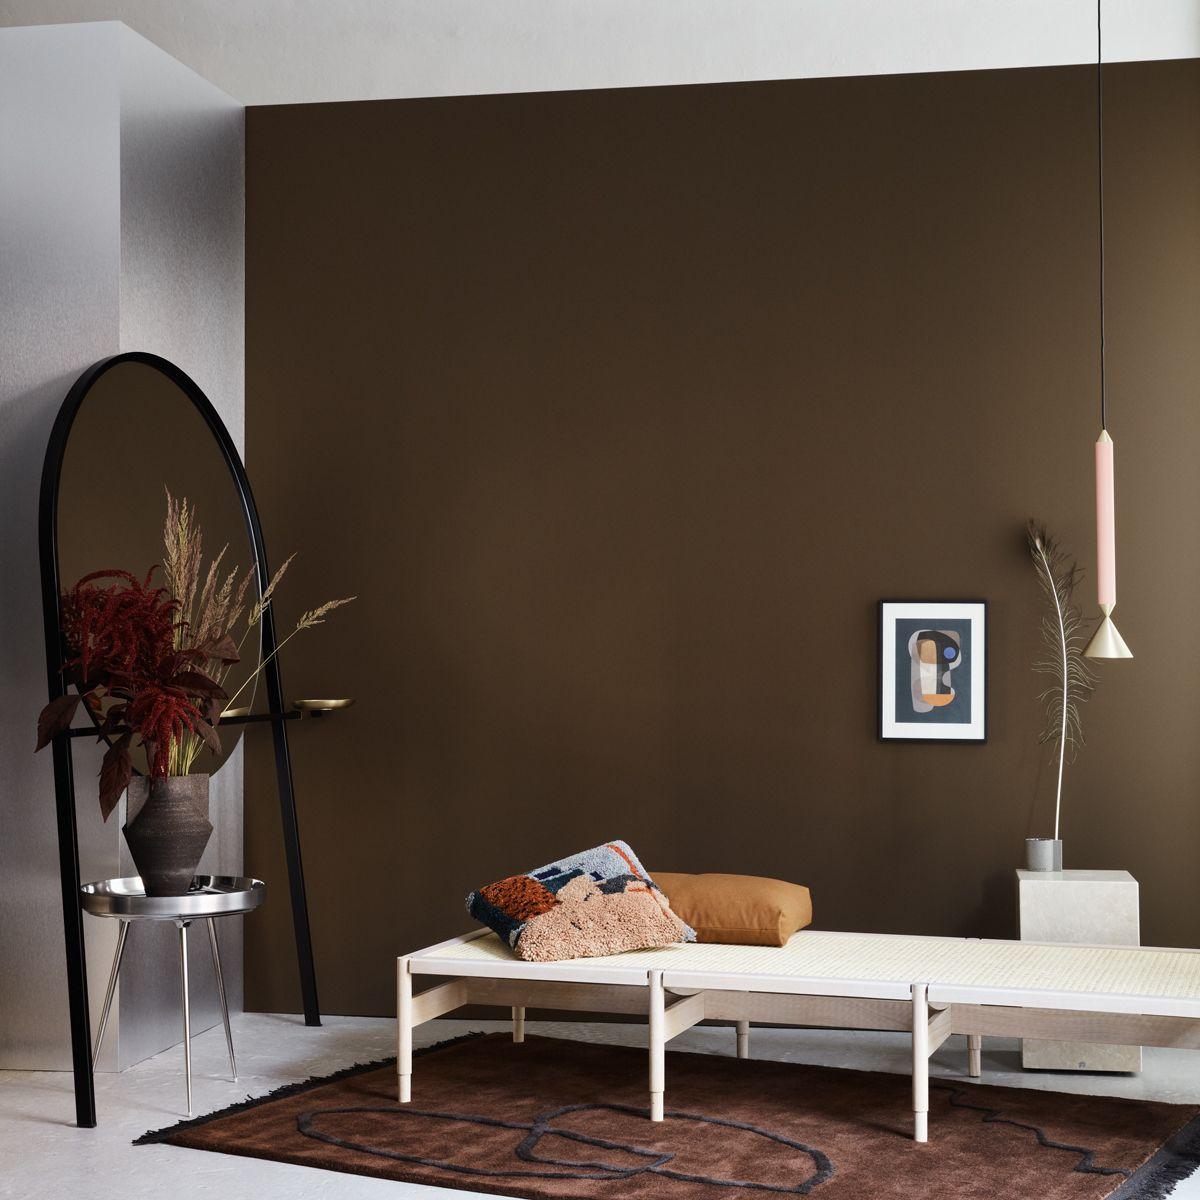 Farbe Schlamm Wandfarbe Braun Taupe Zimmer Wohnen